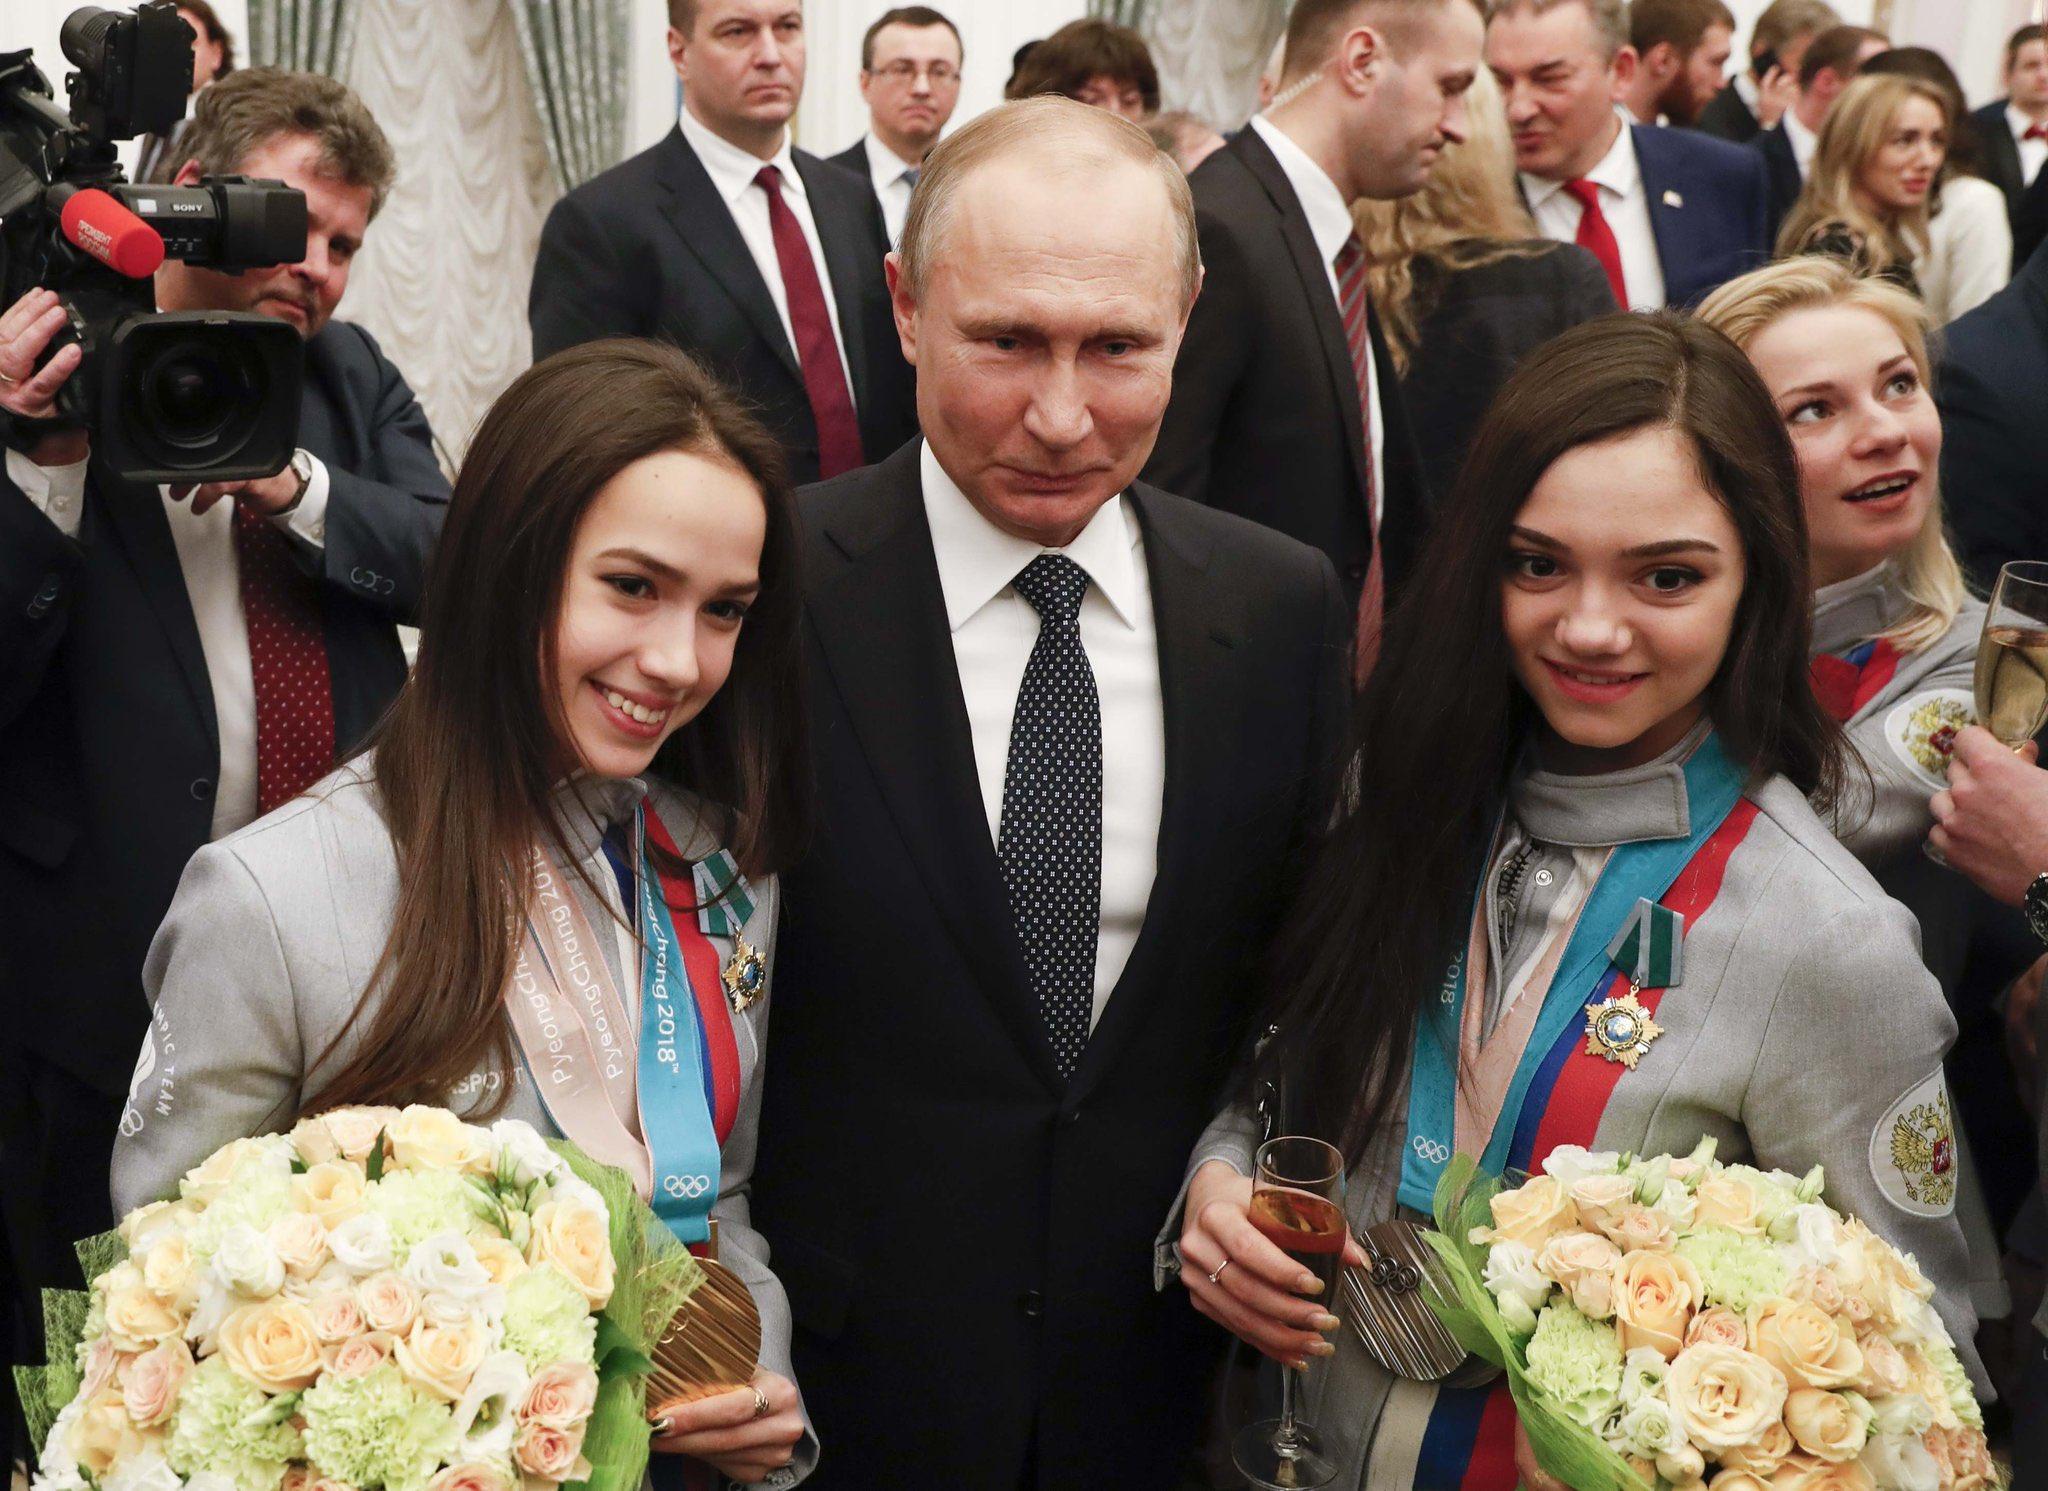 Какие марки авто подарил олимпийцам В.В. Путин за победу в ...